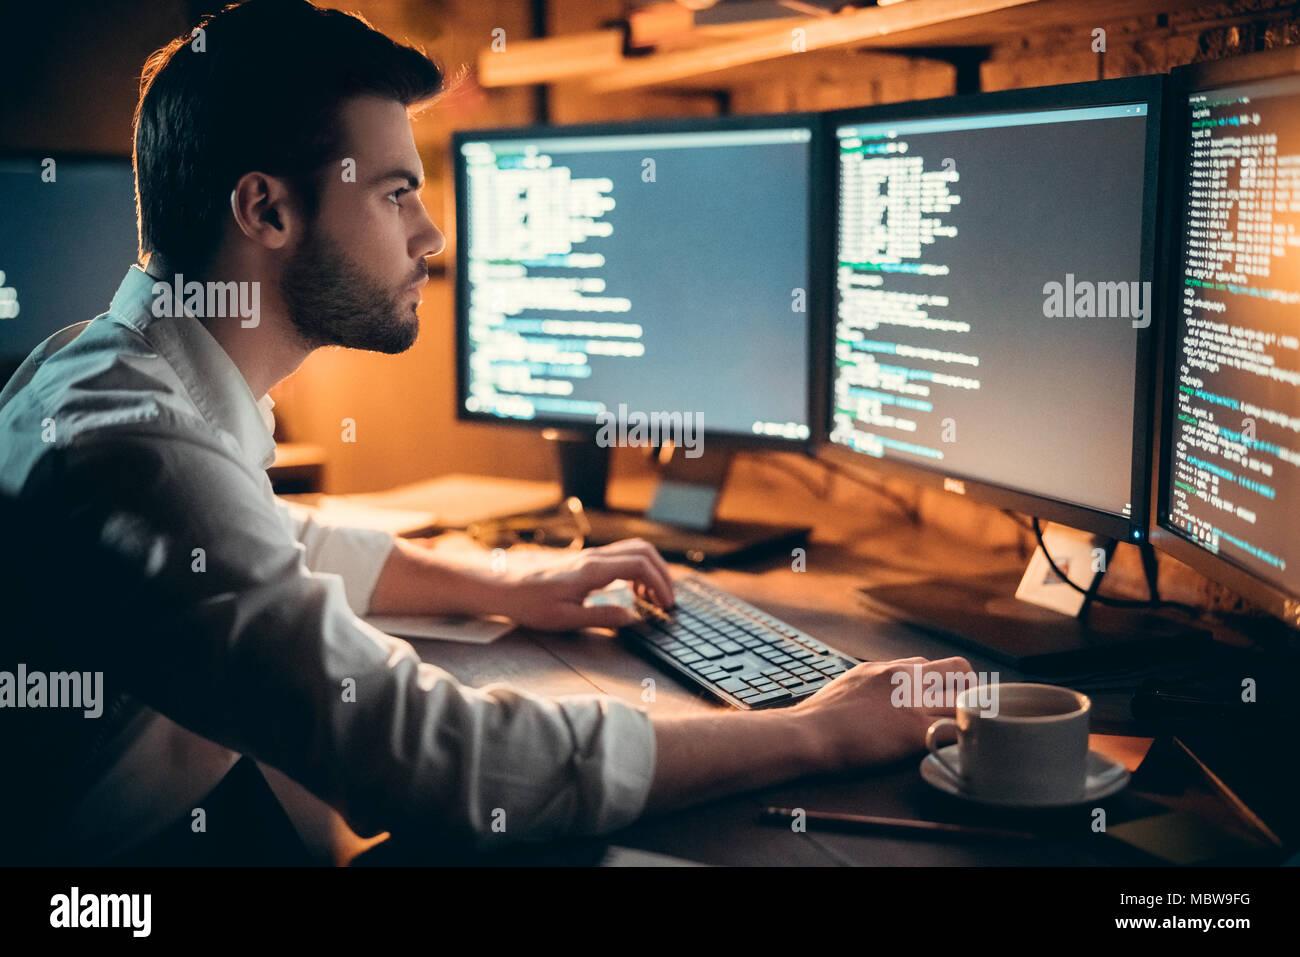 Codificación de desarrollador joven enfocado a fines de escribir secuencias de comandos de Office se muestra en los monitores de ordenador, seria guapo coder programador programación hacker developi Imagen De Stock